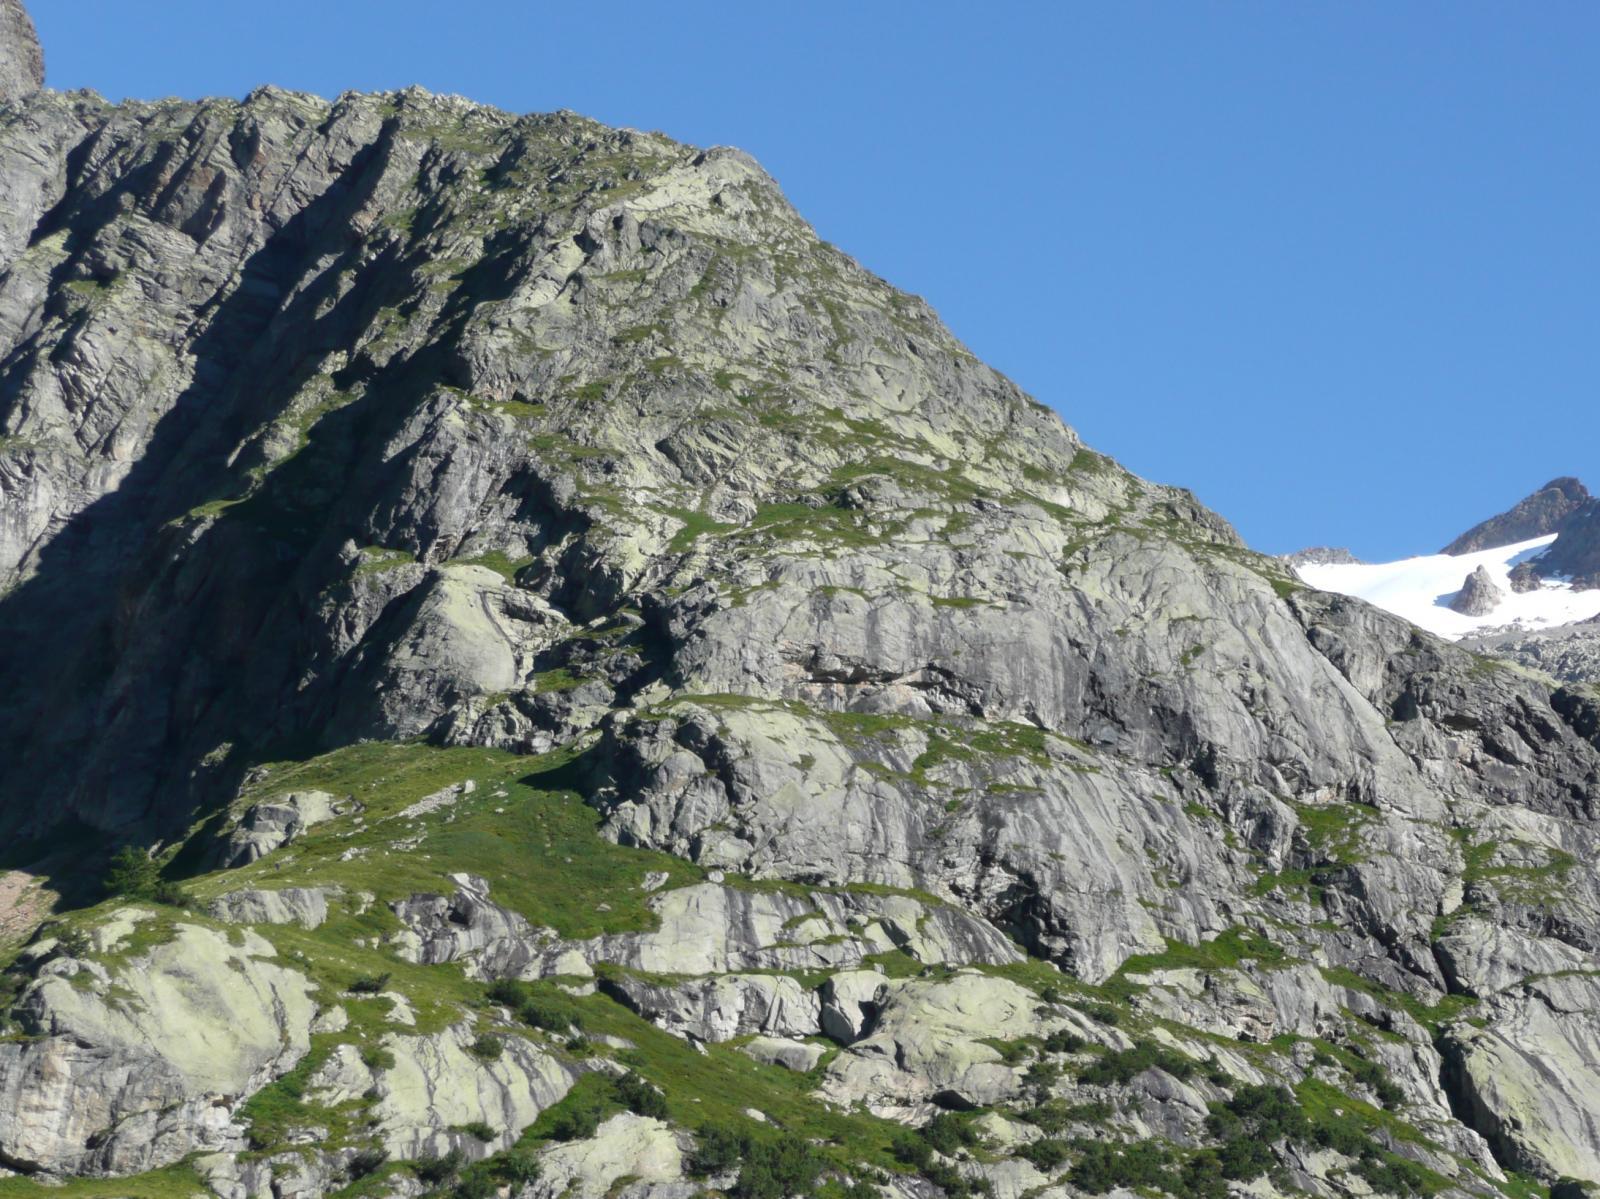 le placche di arrampicata